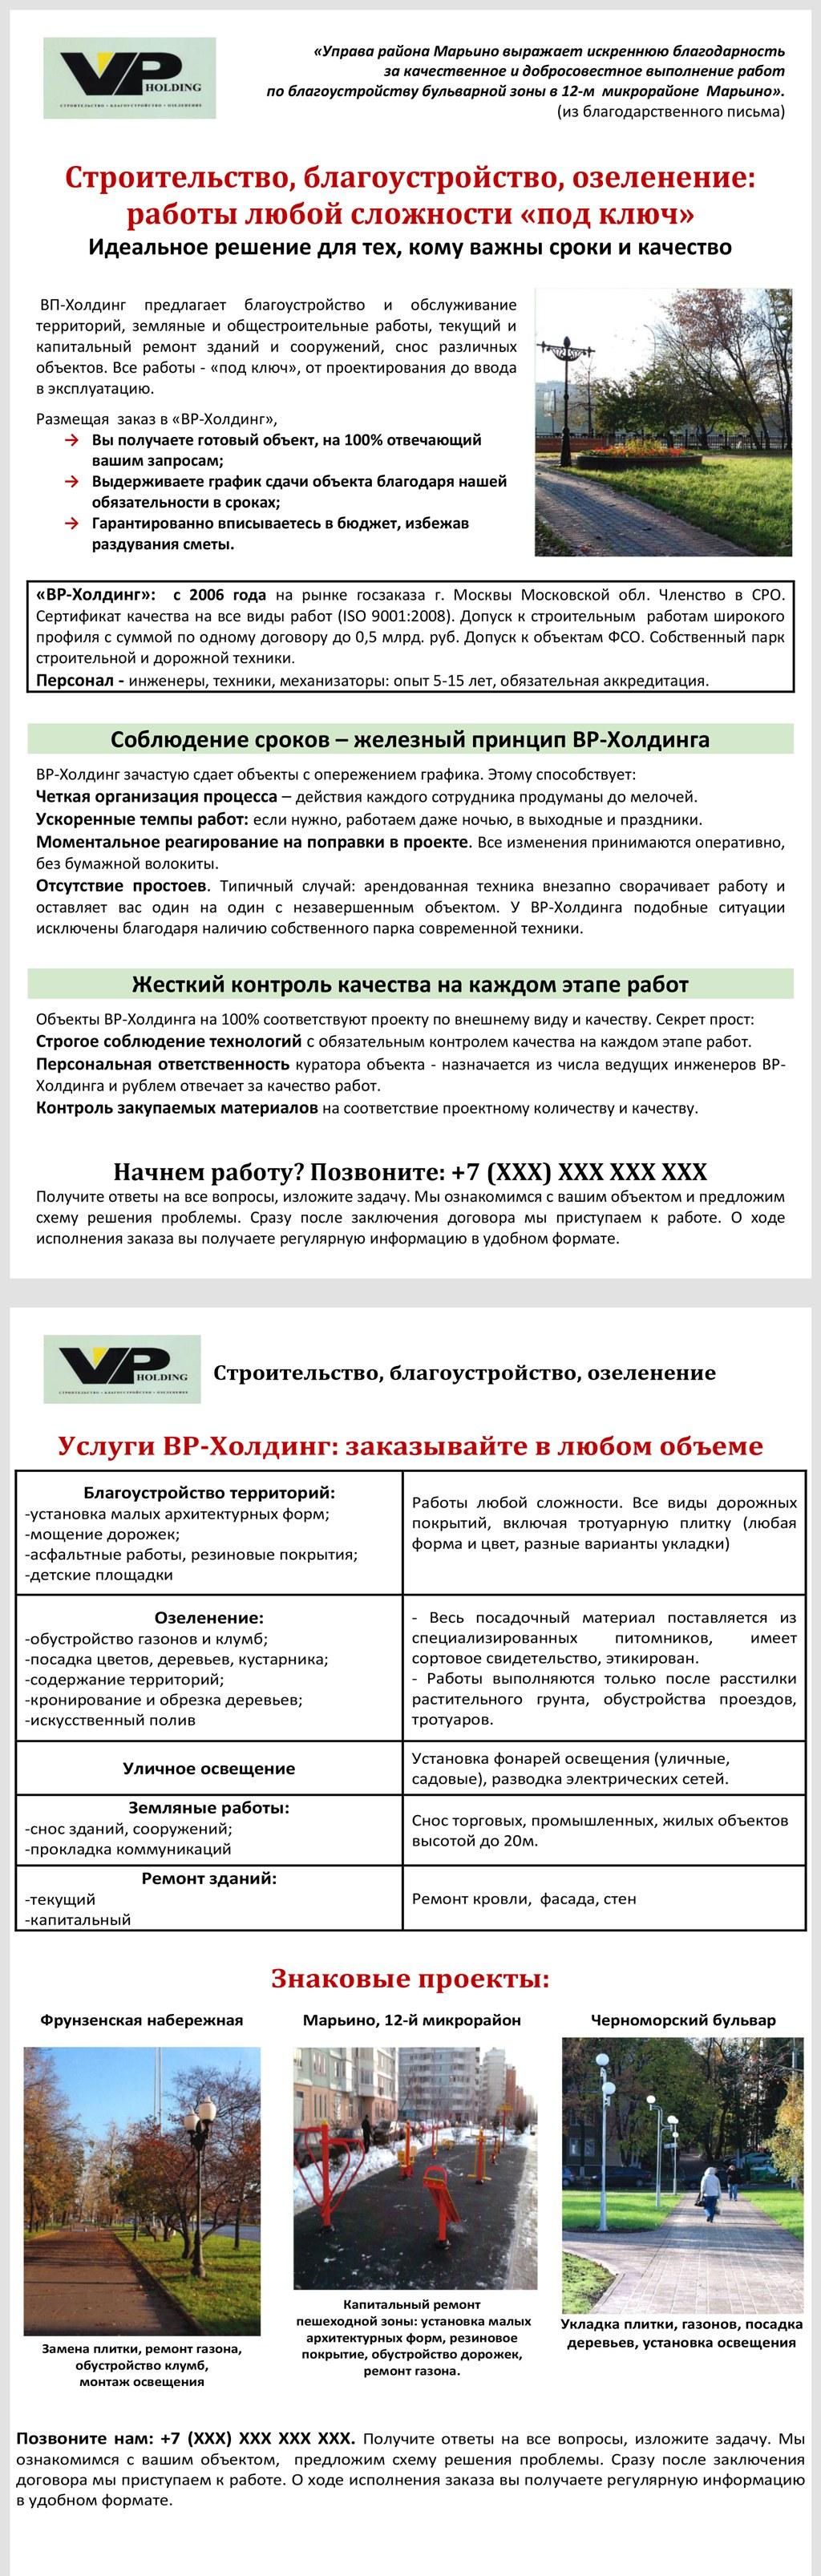 Больничный лист Москва Марьино